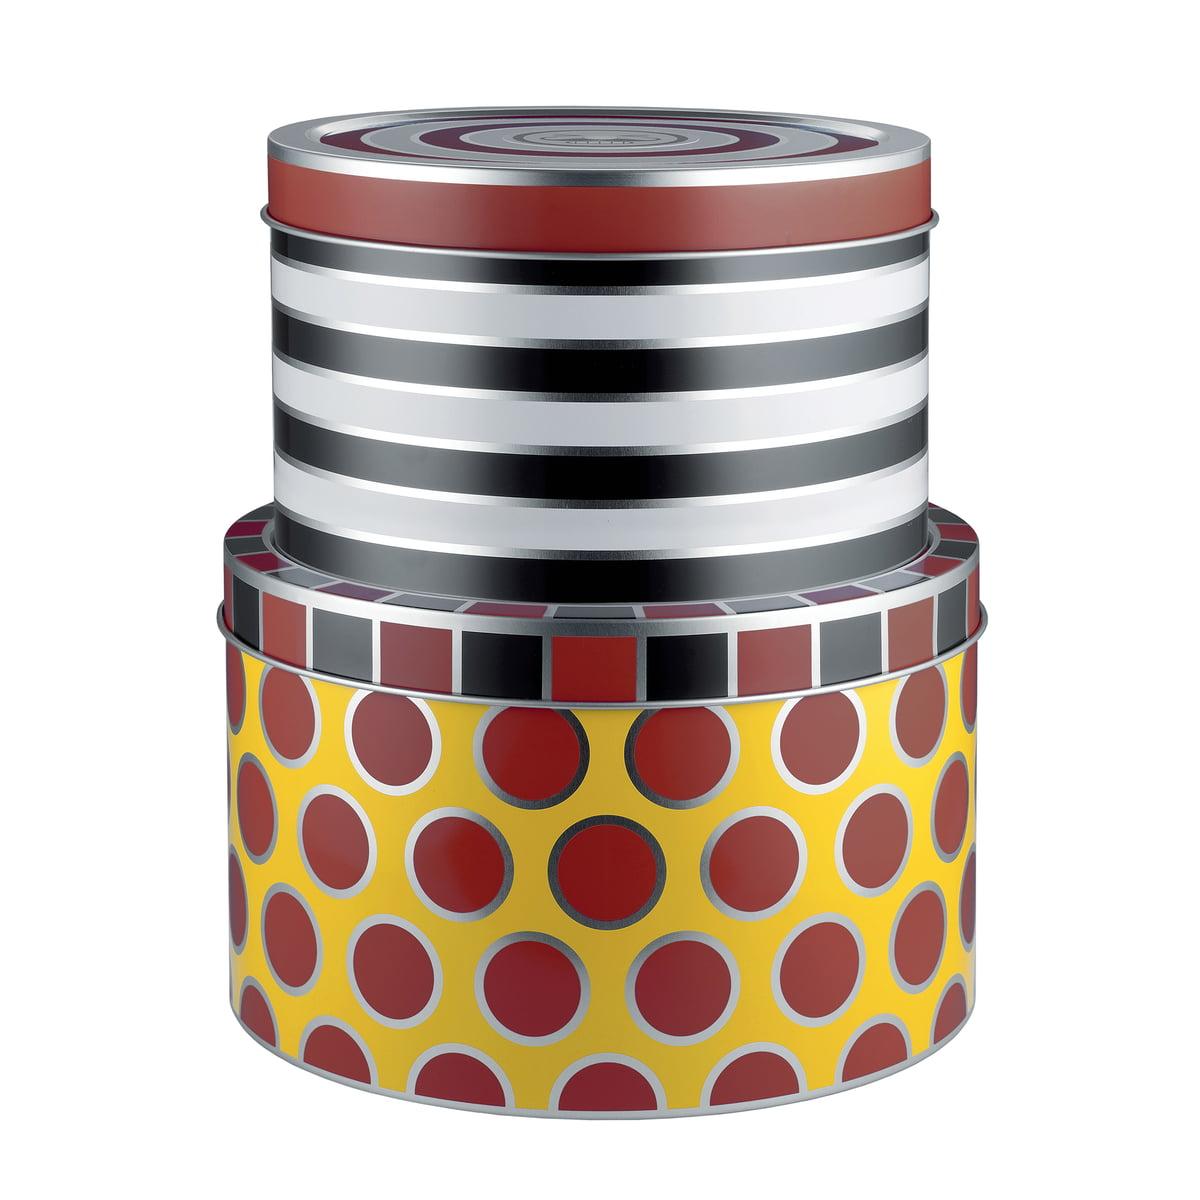 Fantastisk Circus opbevaringsdåser fra Alessi i interiørshoppen XL02